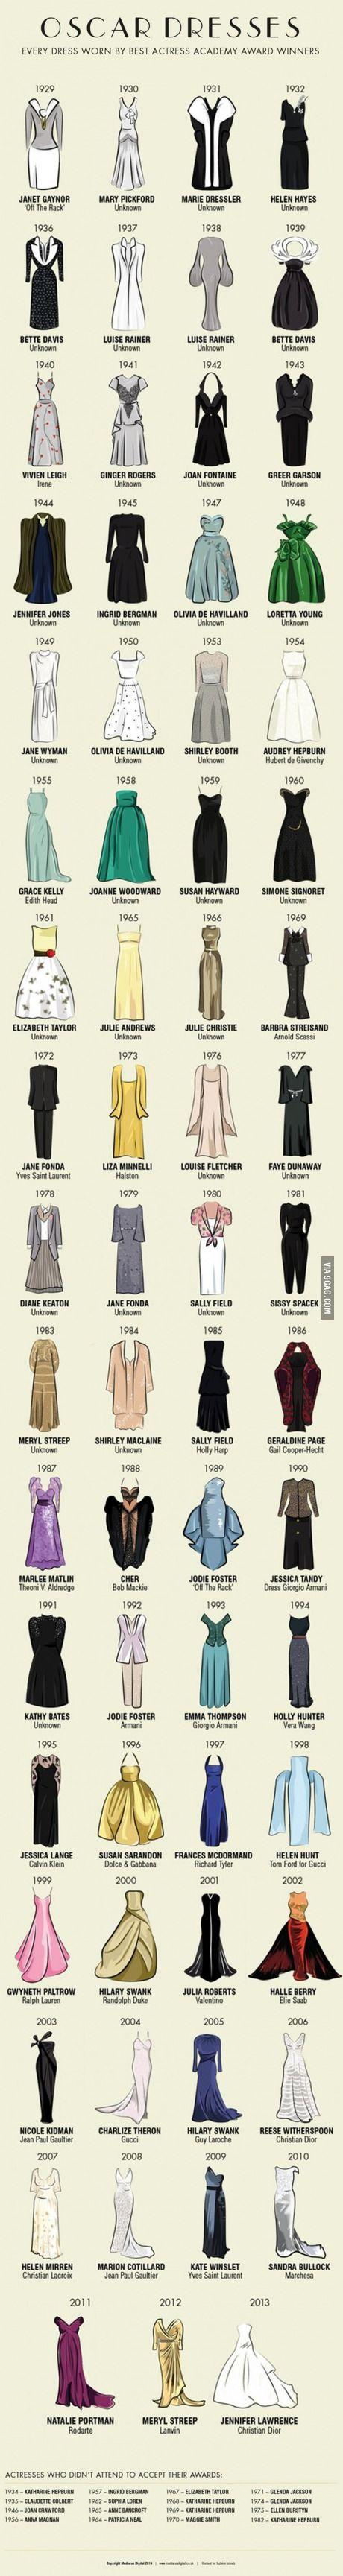 Os vestidos de todas as vencedoras do Oscar de Melhor Atriz da história.